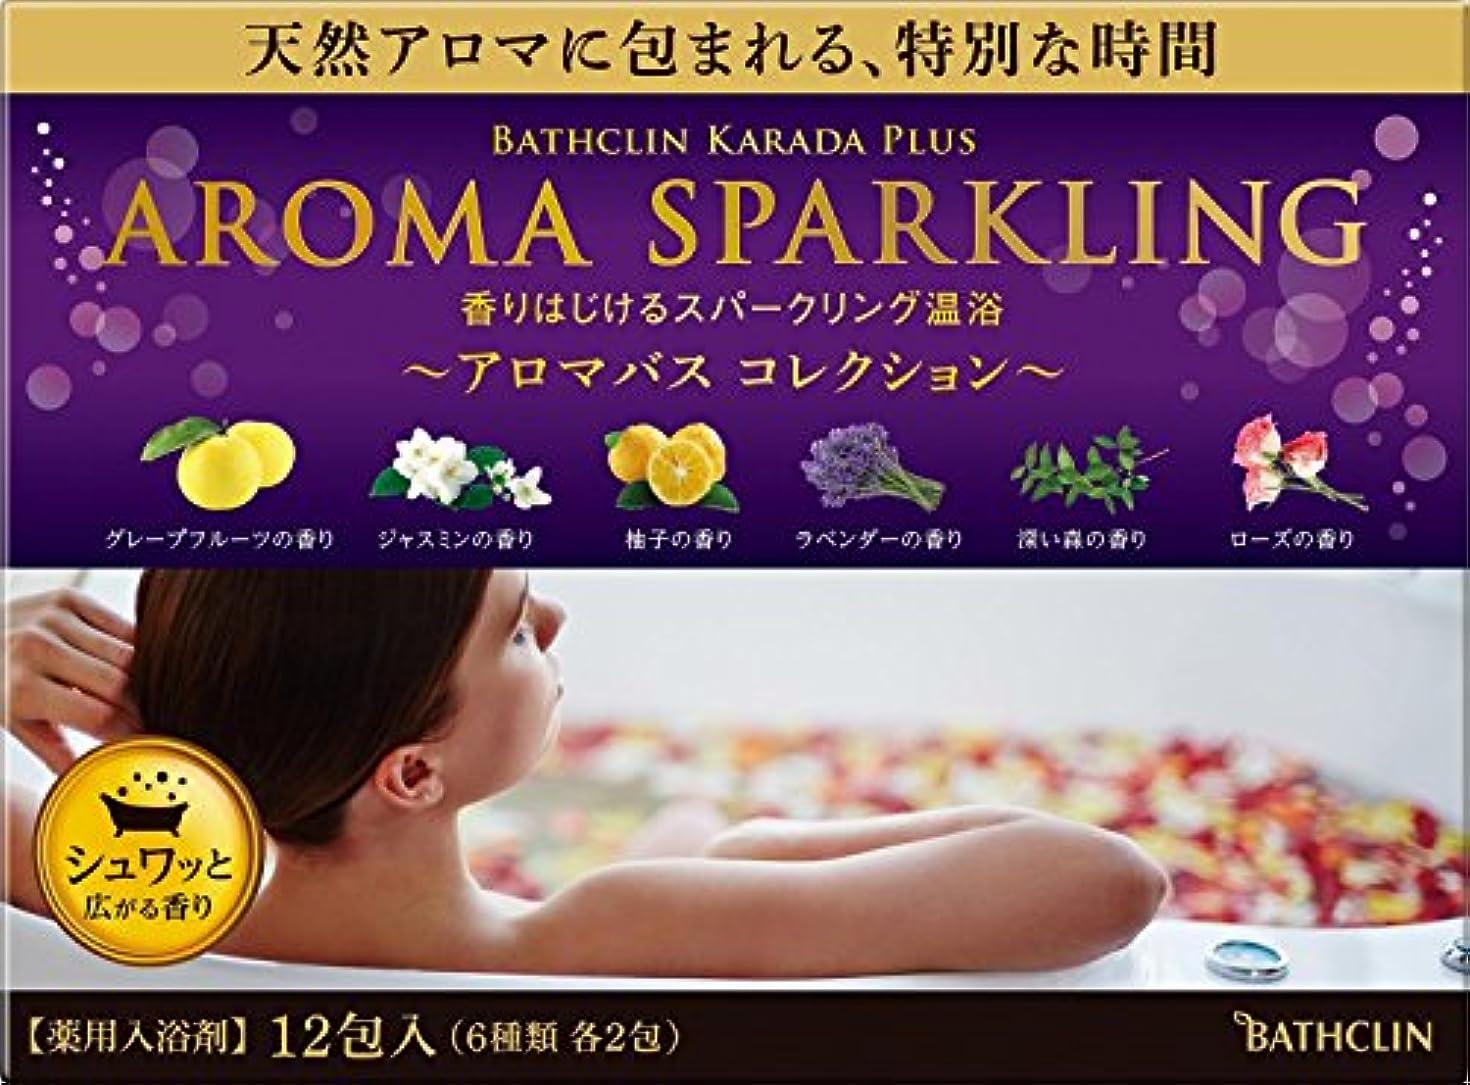 カテゴリーいろいろ香港バスクリン カラダプラス アロマスパークリング アロマバスコレクション 30g 12包入り 入浴剤 (医薬部外品)